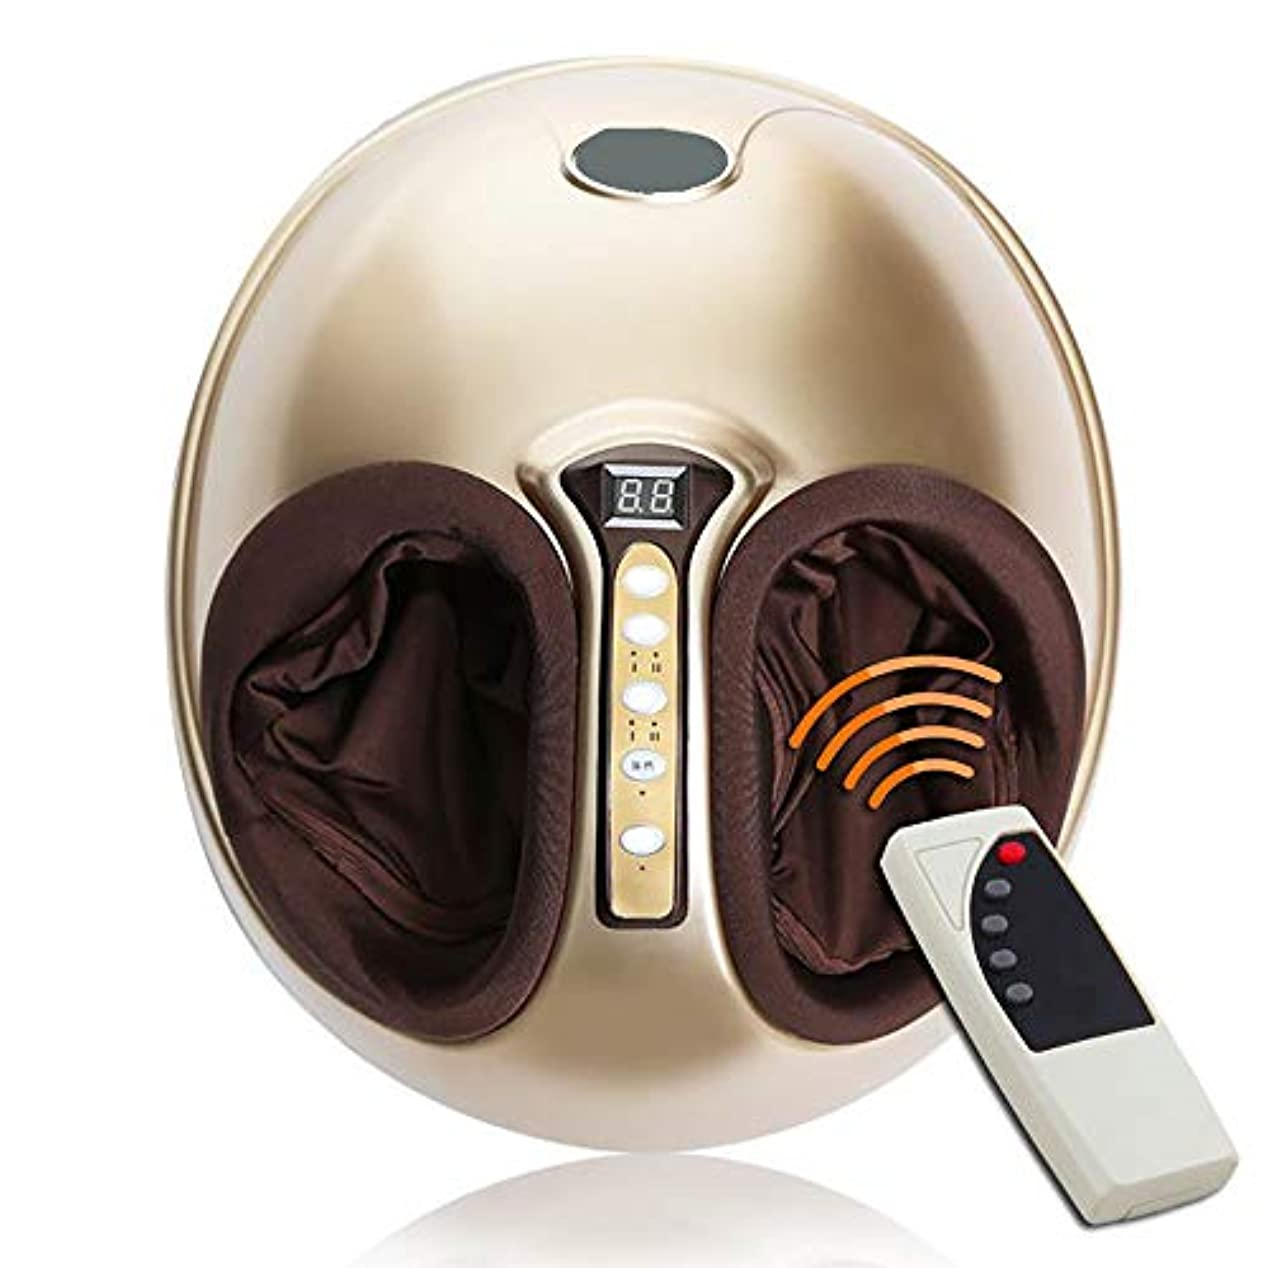 機転ピッチャー酸化するフットマッサージャー指圧マッサージ器高温混練ローリング圧縮空気と強度調節可能な家庭用マッサージャーはストレスを軽減します